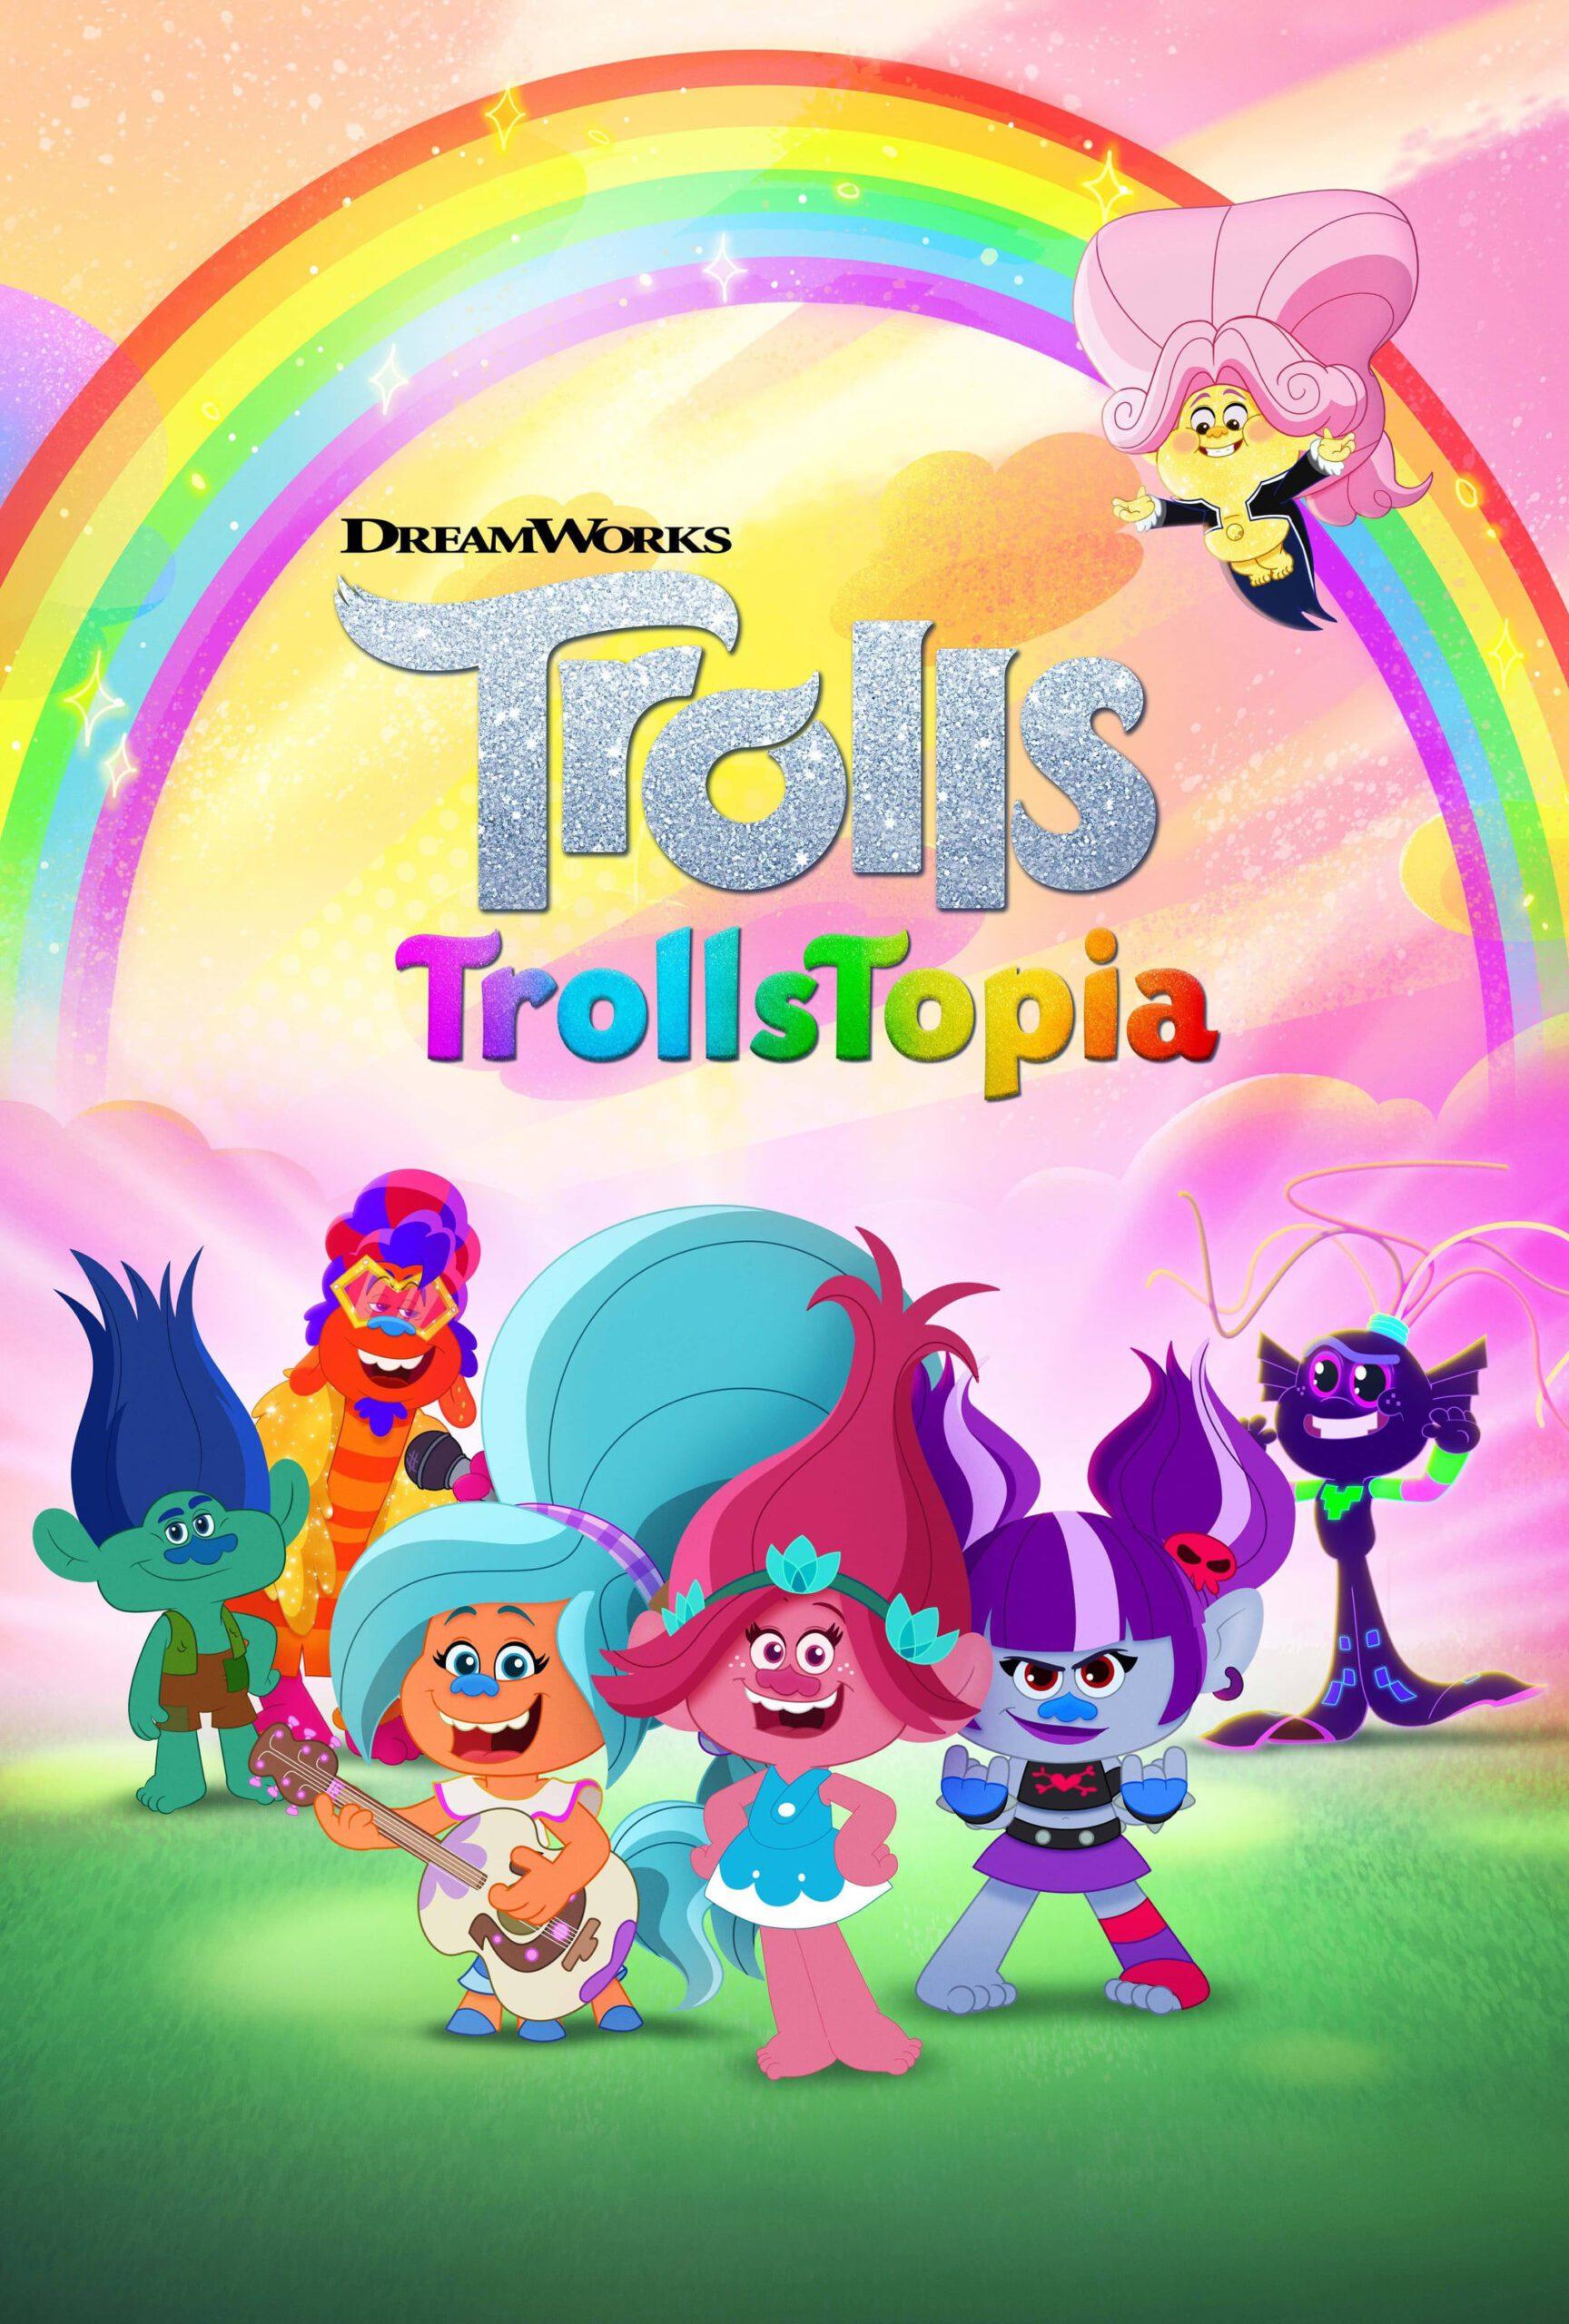 Trolls: TrollsTopia teaser image